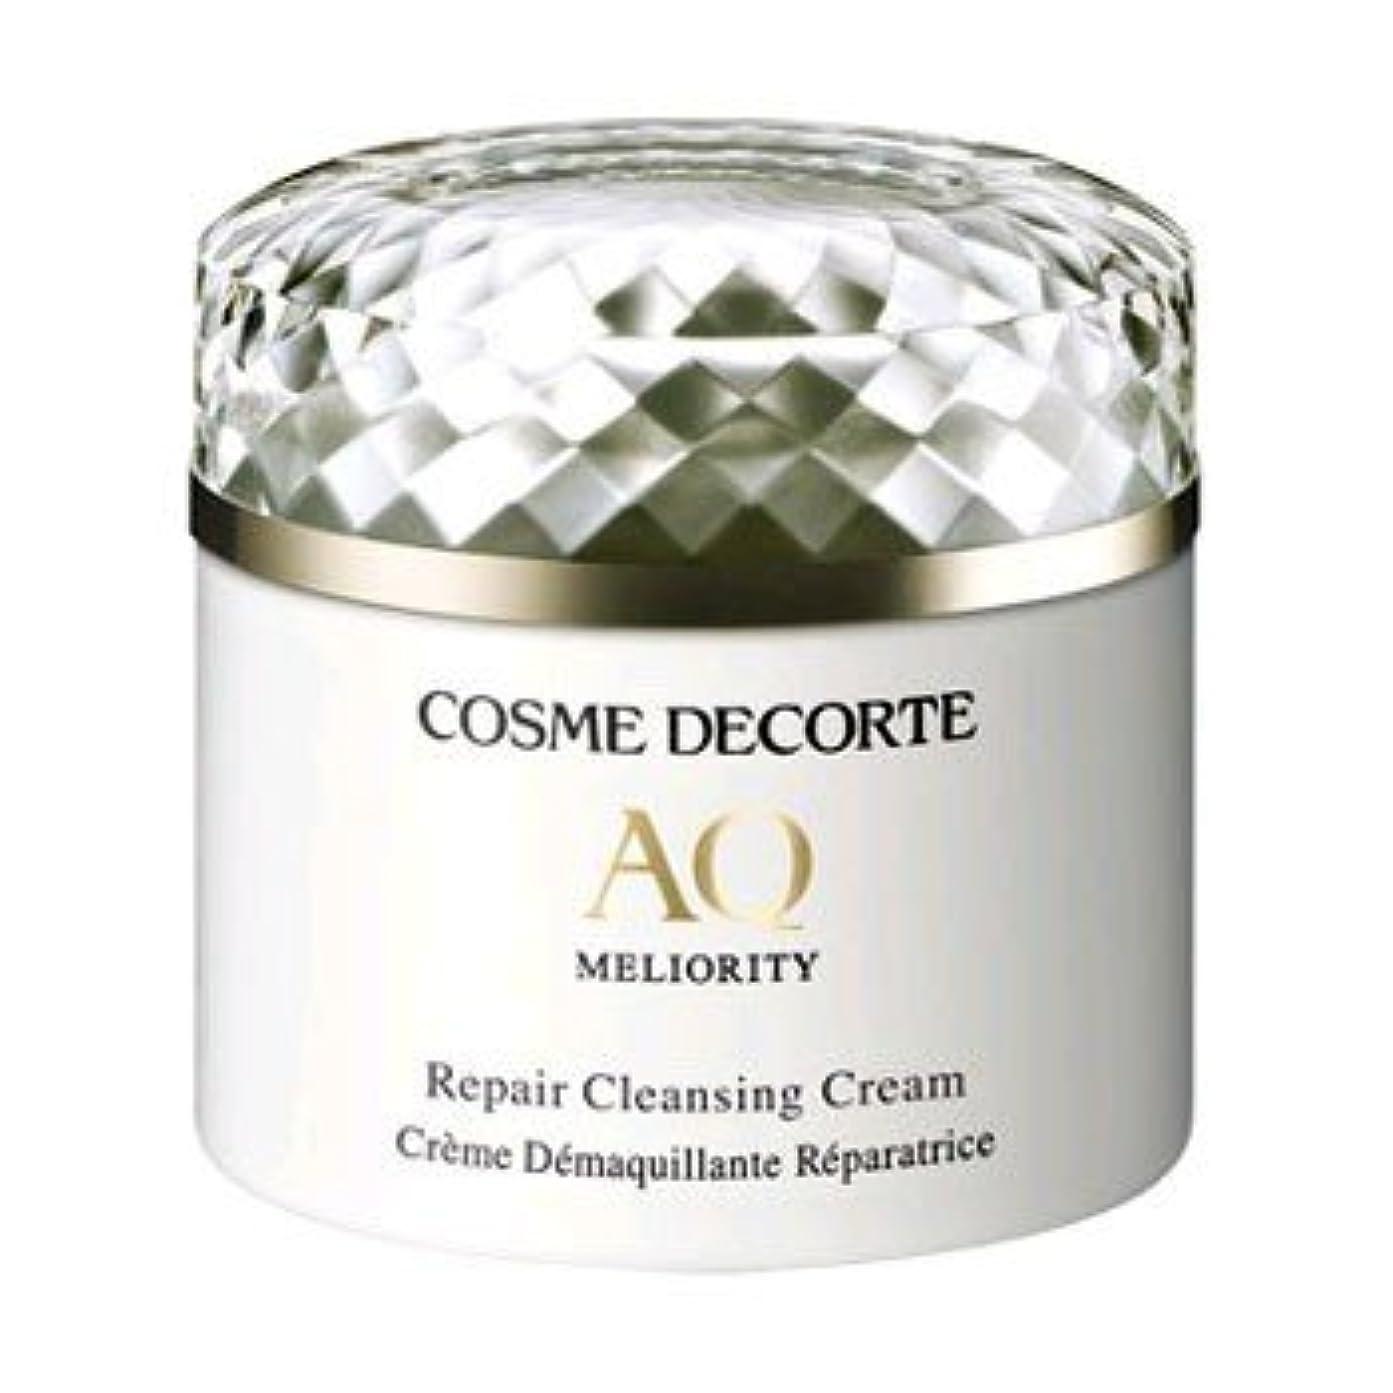 クレデンシャル皿広まったコスメ デコルテ(COSME DECORTE) AQ ミリオリティ リペア クレンジングクリーム 150ml[並行輸入品]